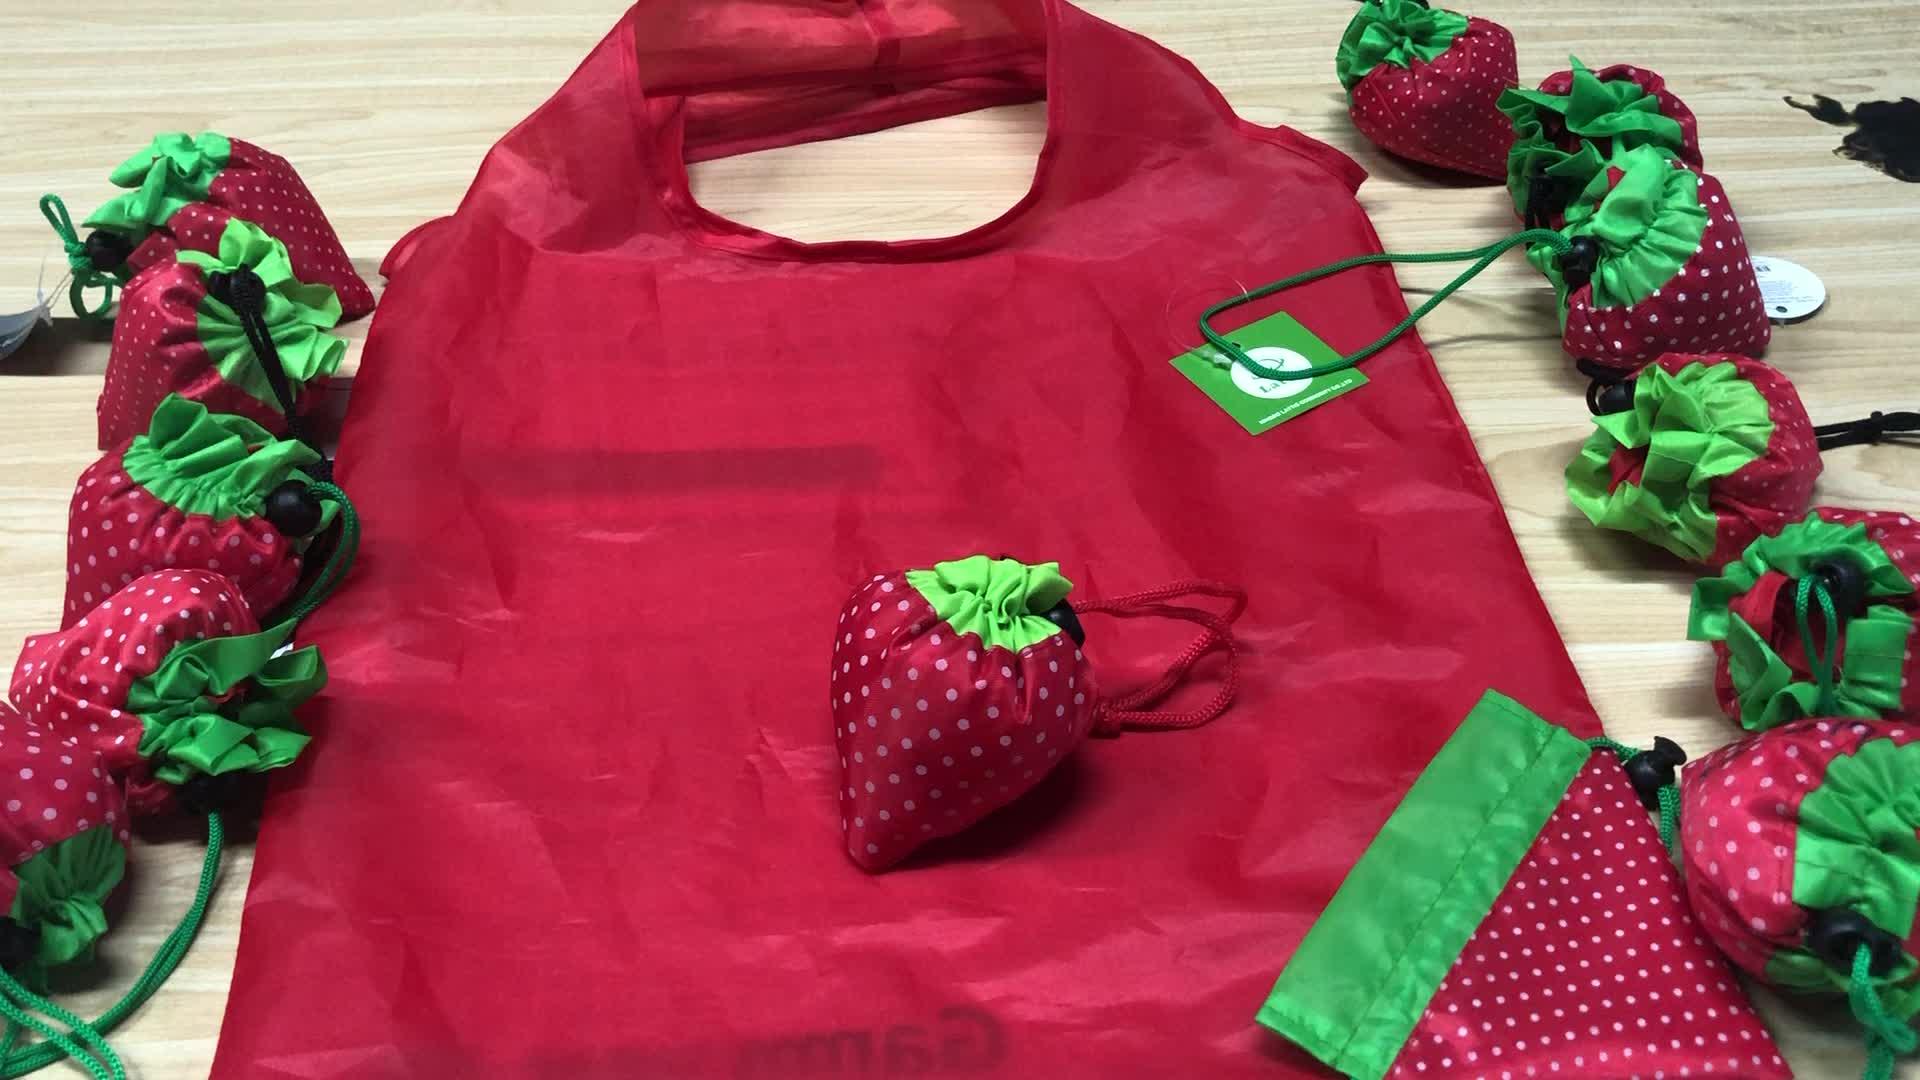 Fabrika Fiyat Hızlı Teslimat Polyester Katlanır Tote Su Geçirmez Meyve Çilek Naylon Katlanabilir alışveriş çantası